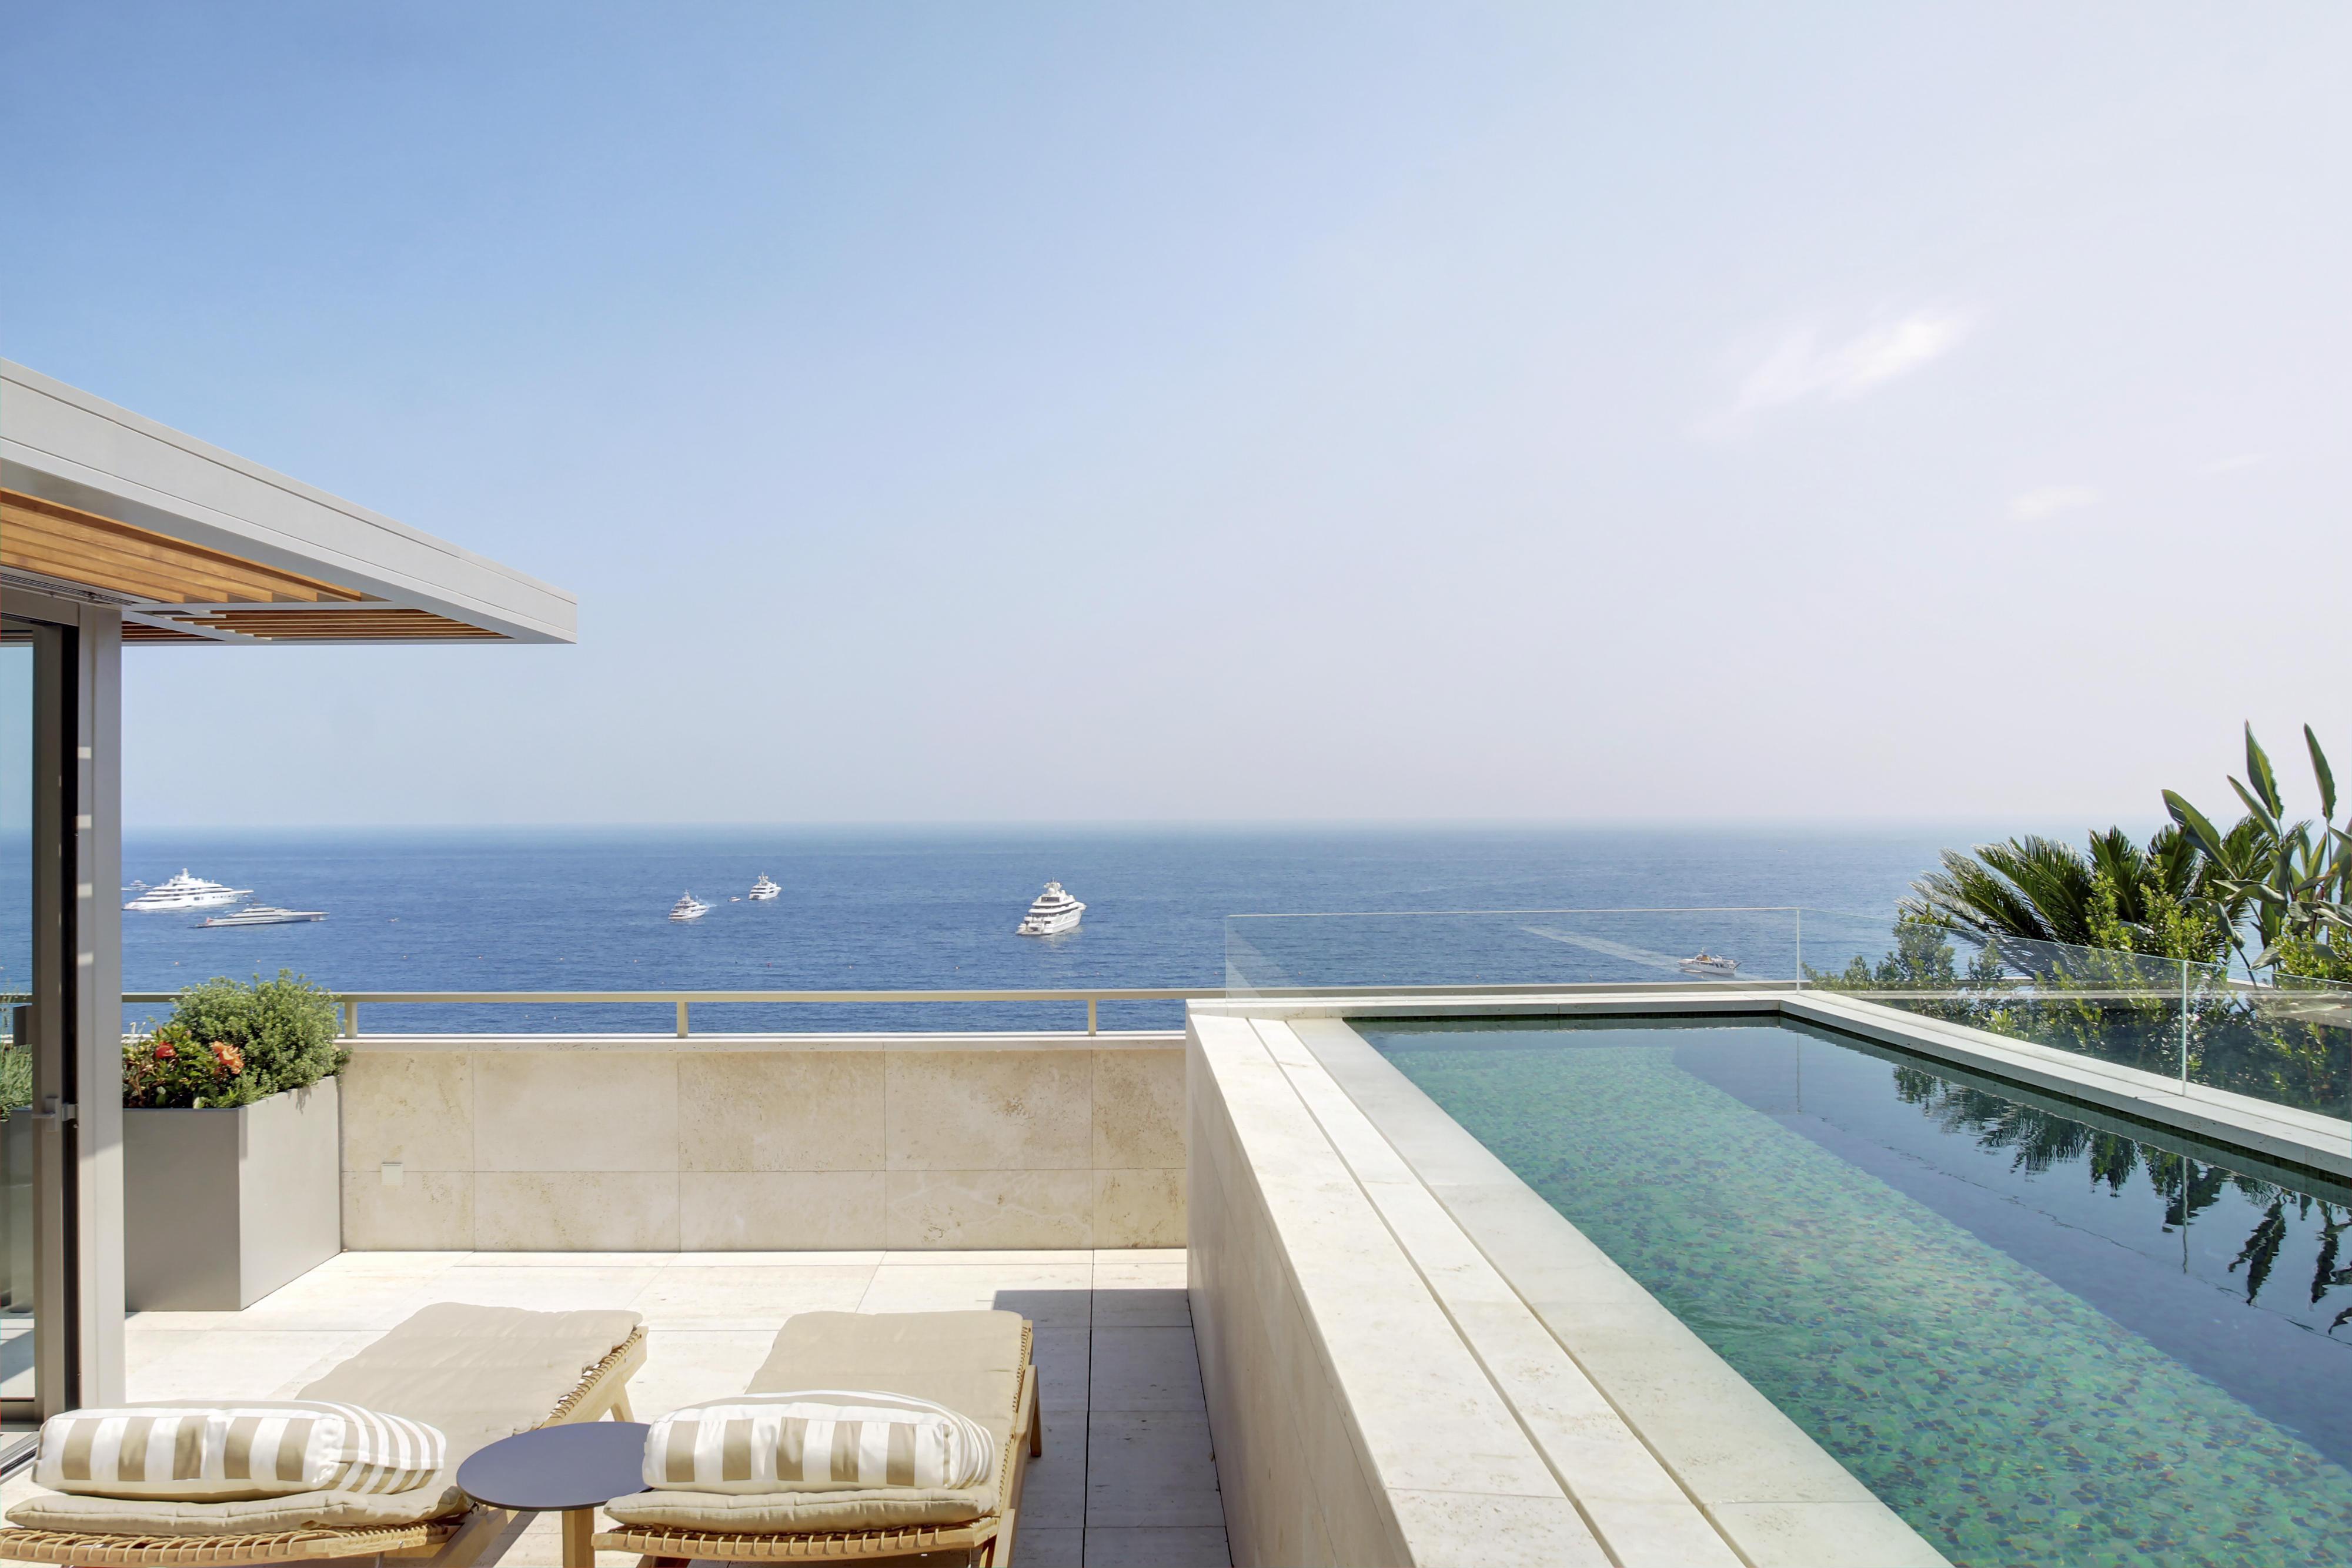 Monaco Rooftop Home Sea Views